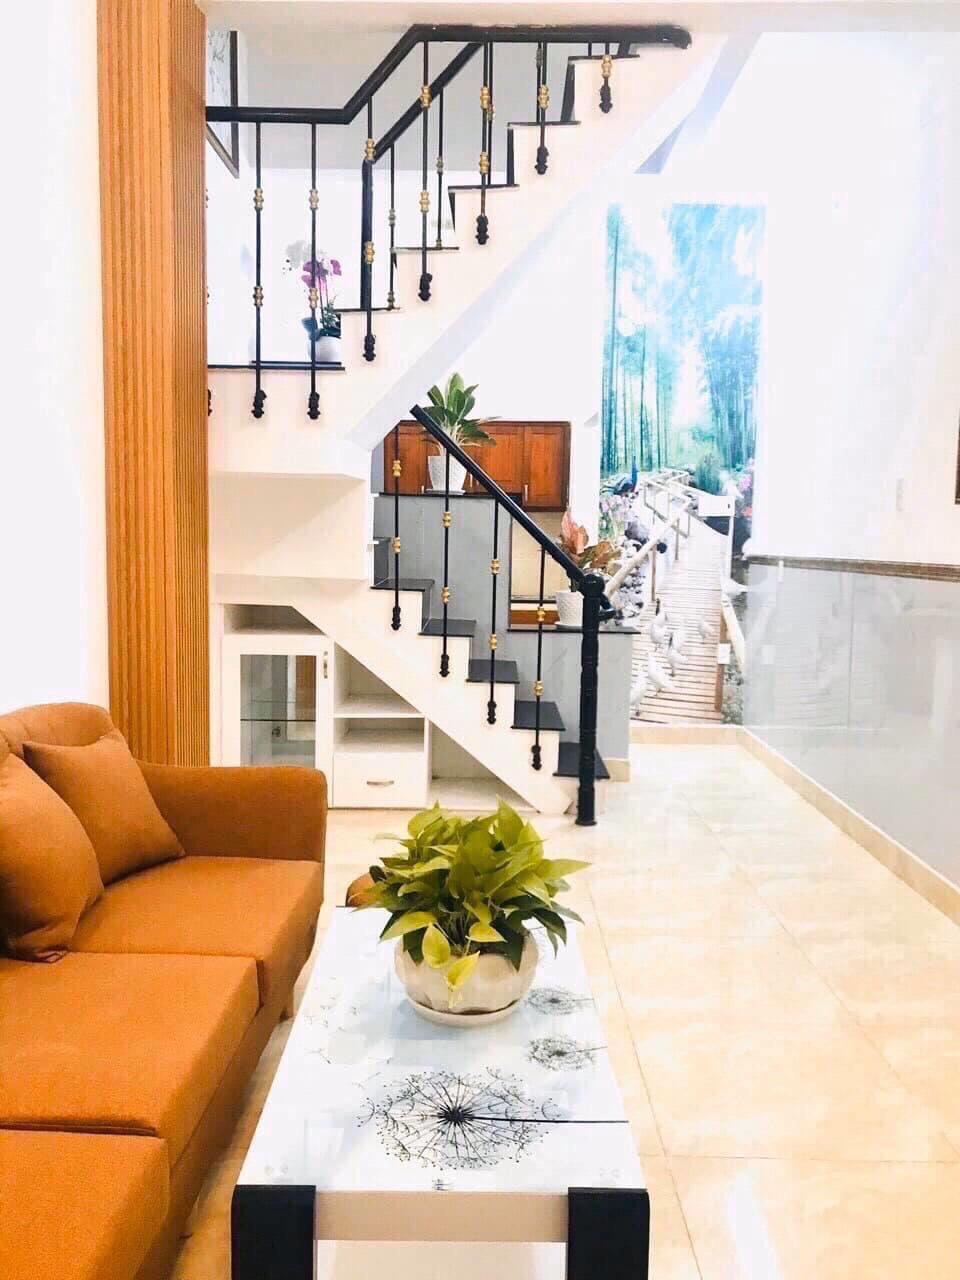 Chính chủ bán nhà hẻm Huỳnh Tấn Phát TT Nhà Bè,1 trệt 2 lầu Giá 1ty690